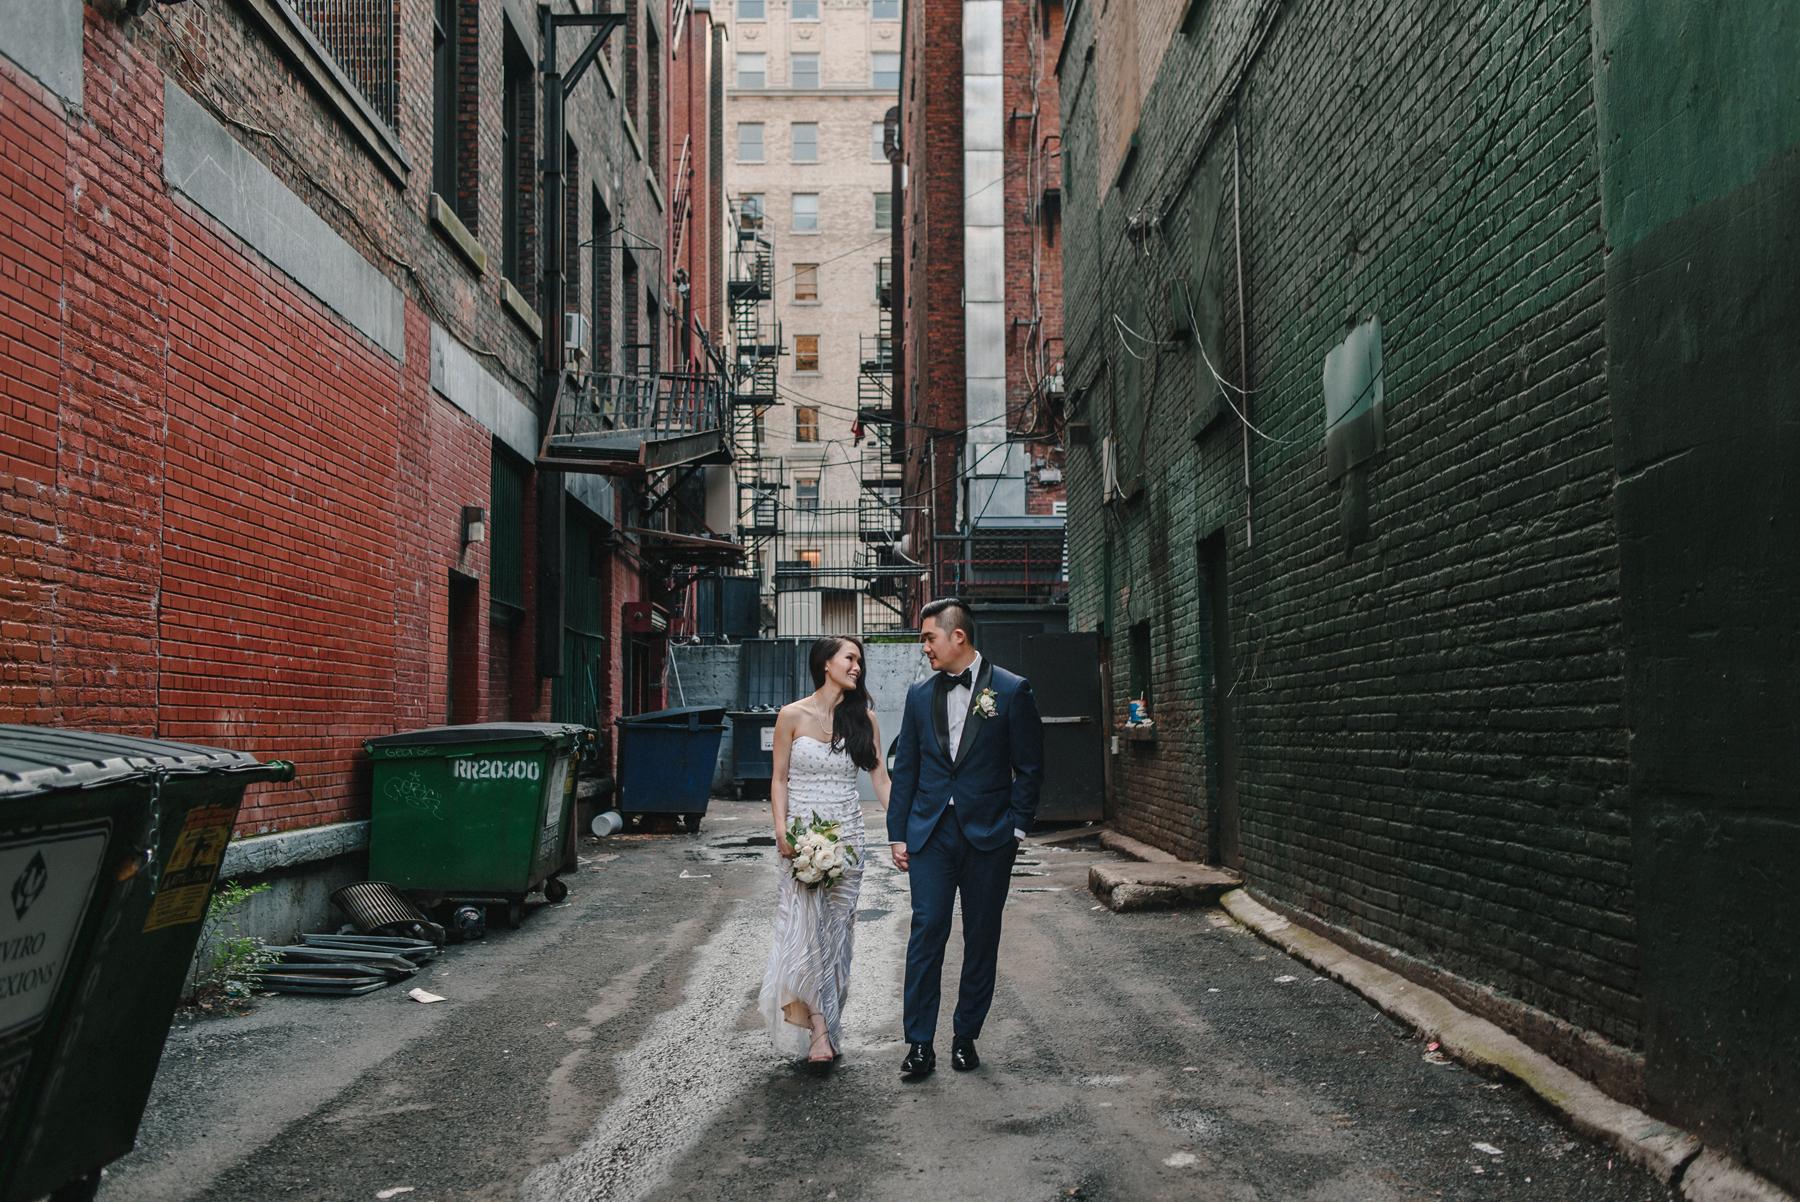 karey_clarence_wedding_blog_02.JPG